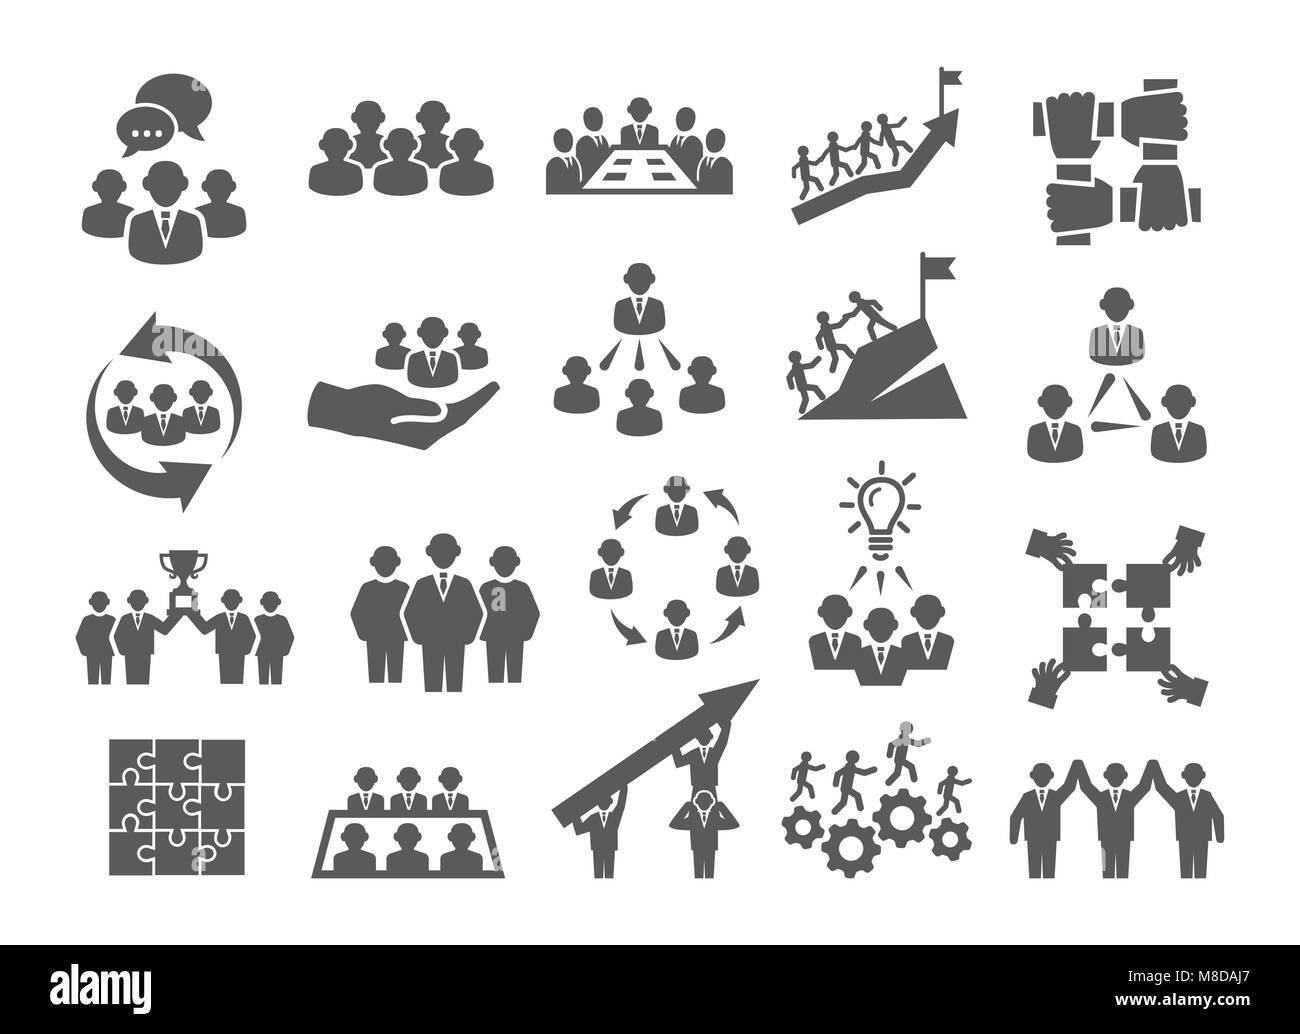 Equipo de trabajo iconos Imagen De Stock